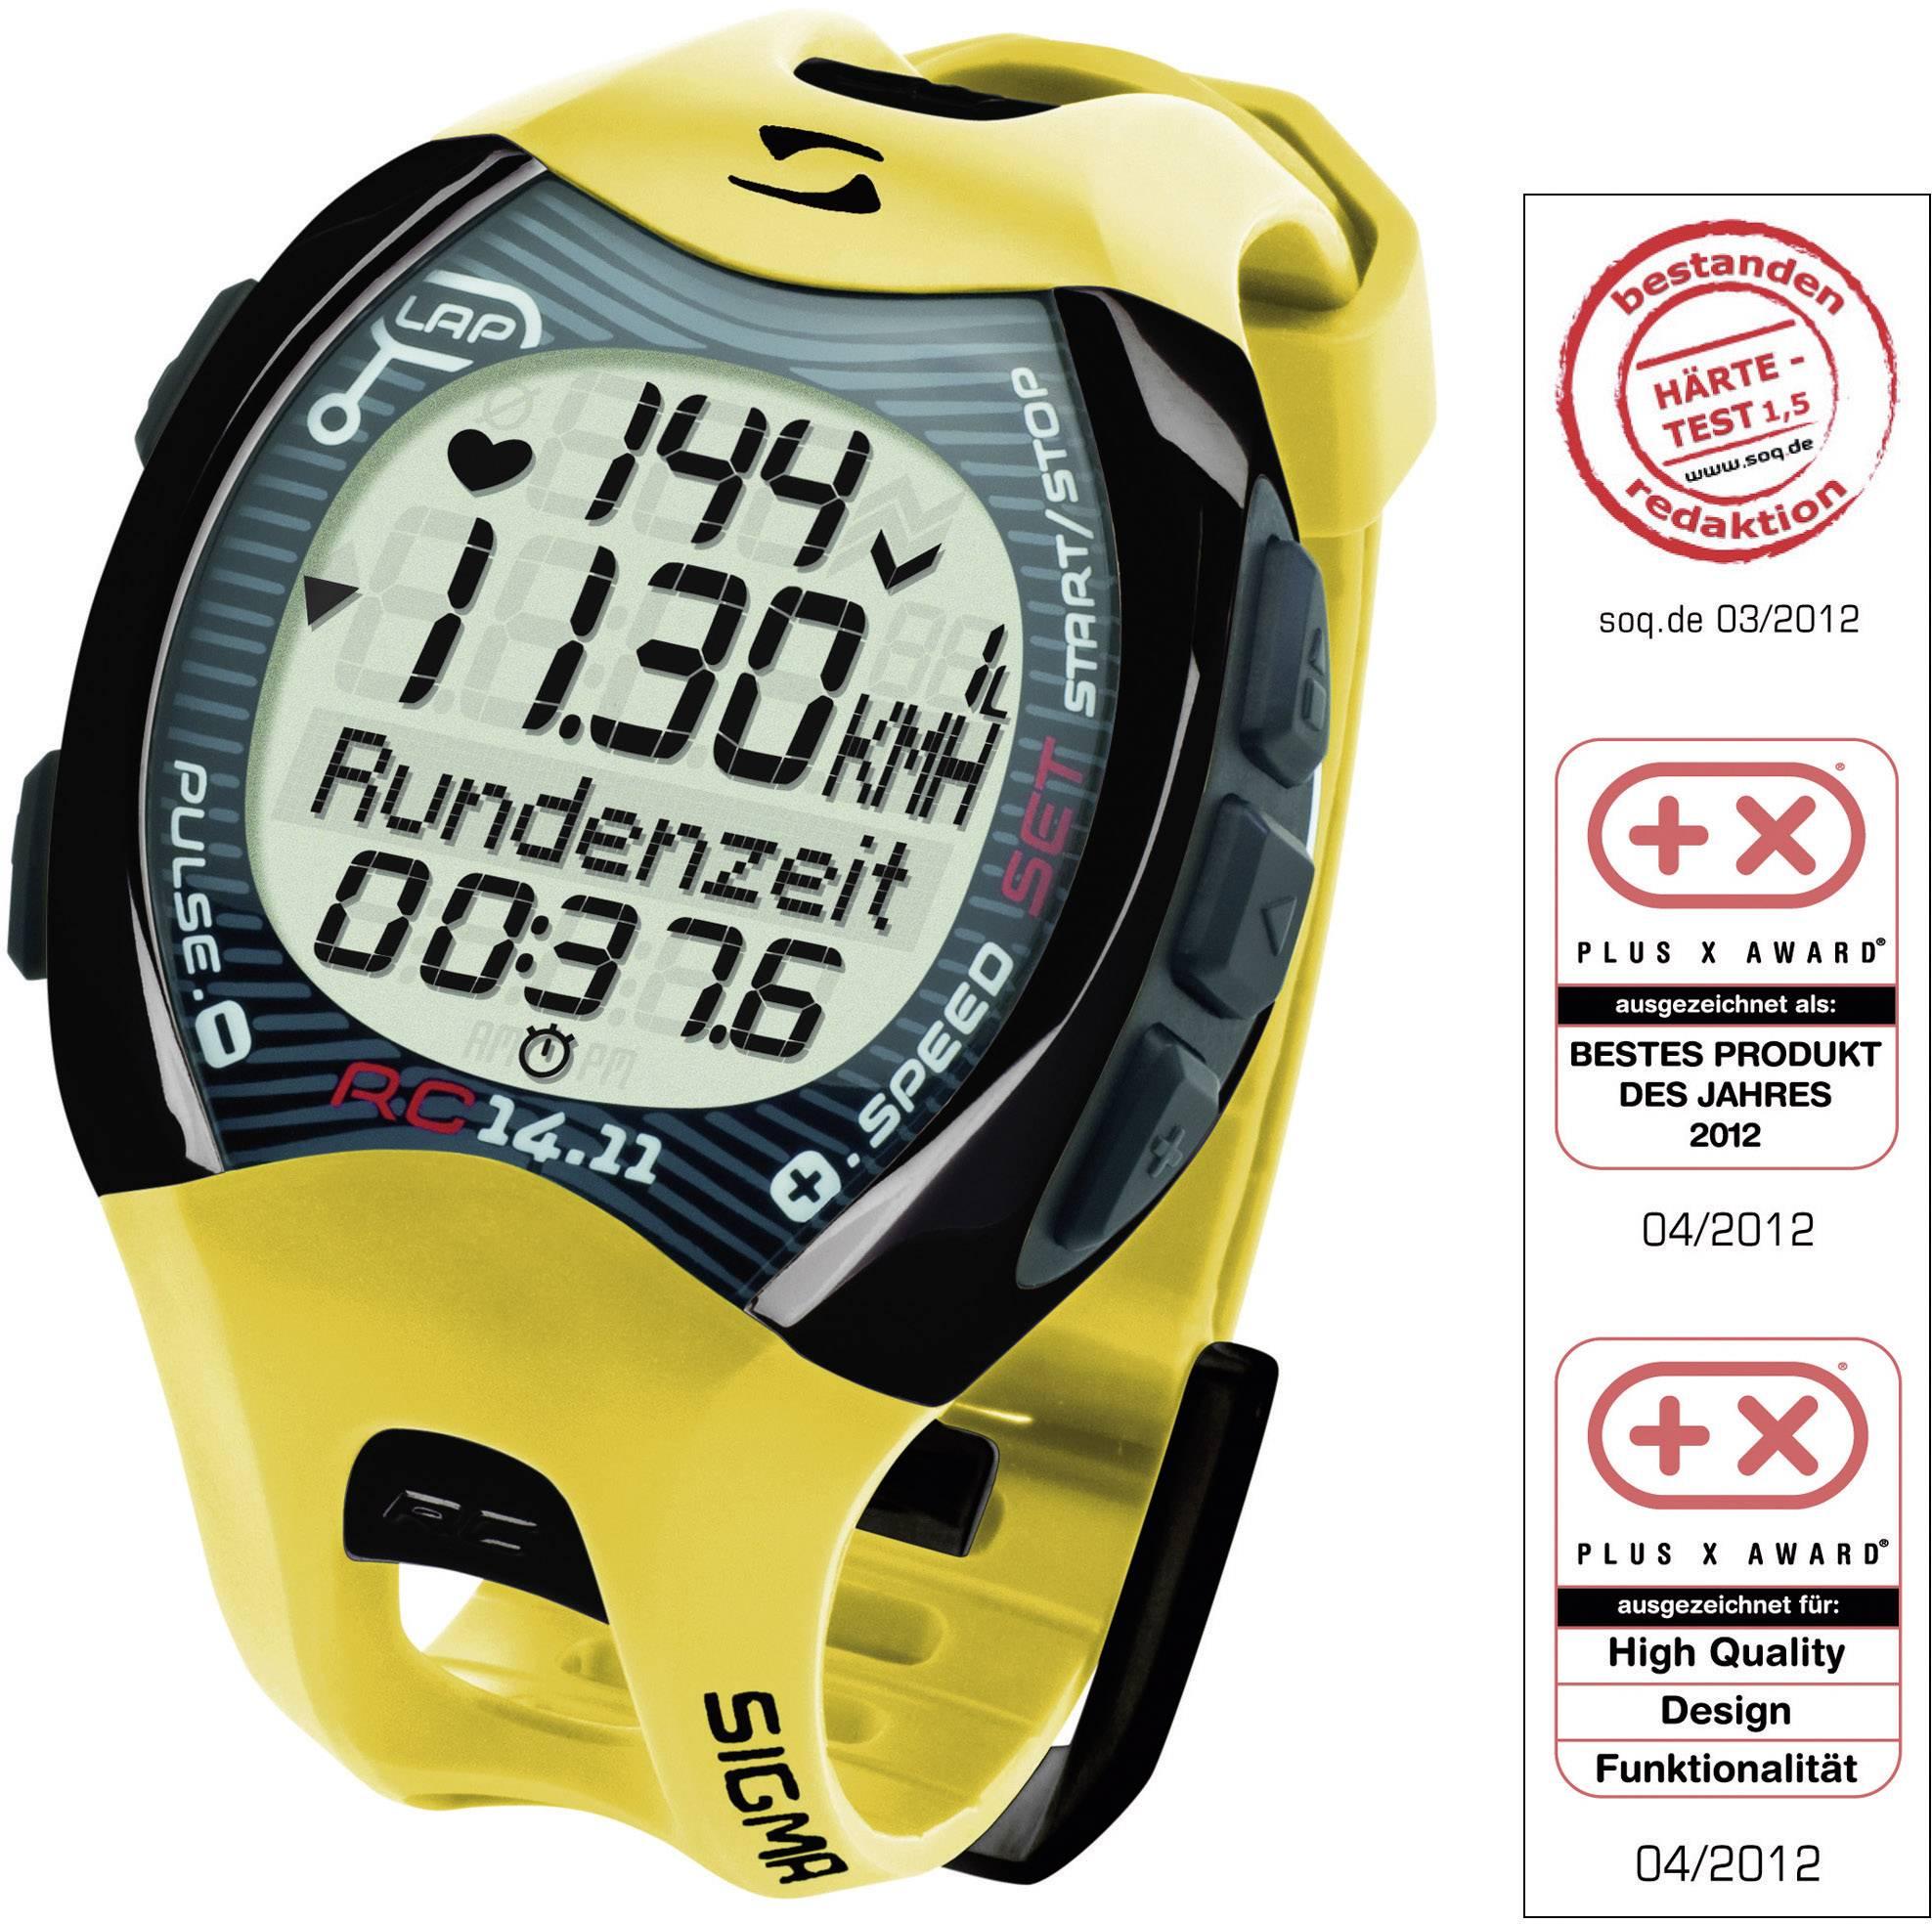 TEST: Sporttester Sigma RC 14.11 vám spočítá naběhané kilometry i bez GPS